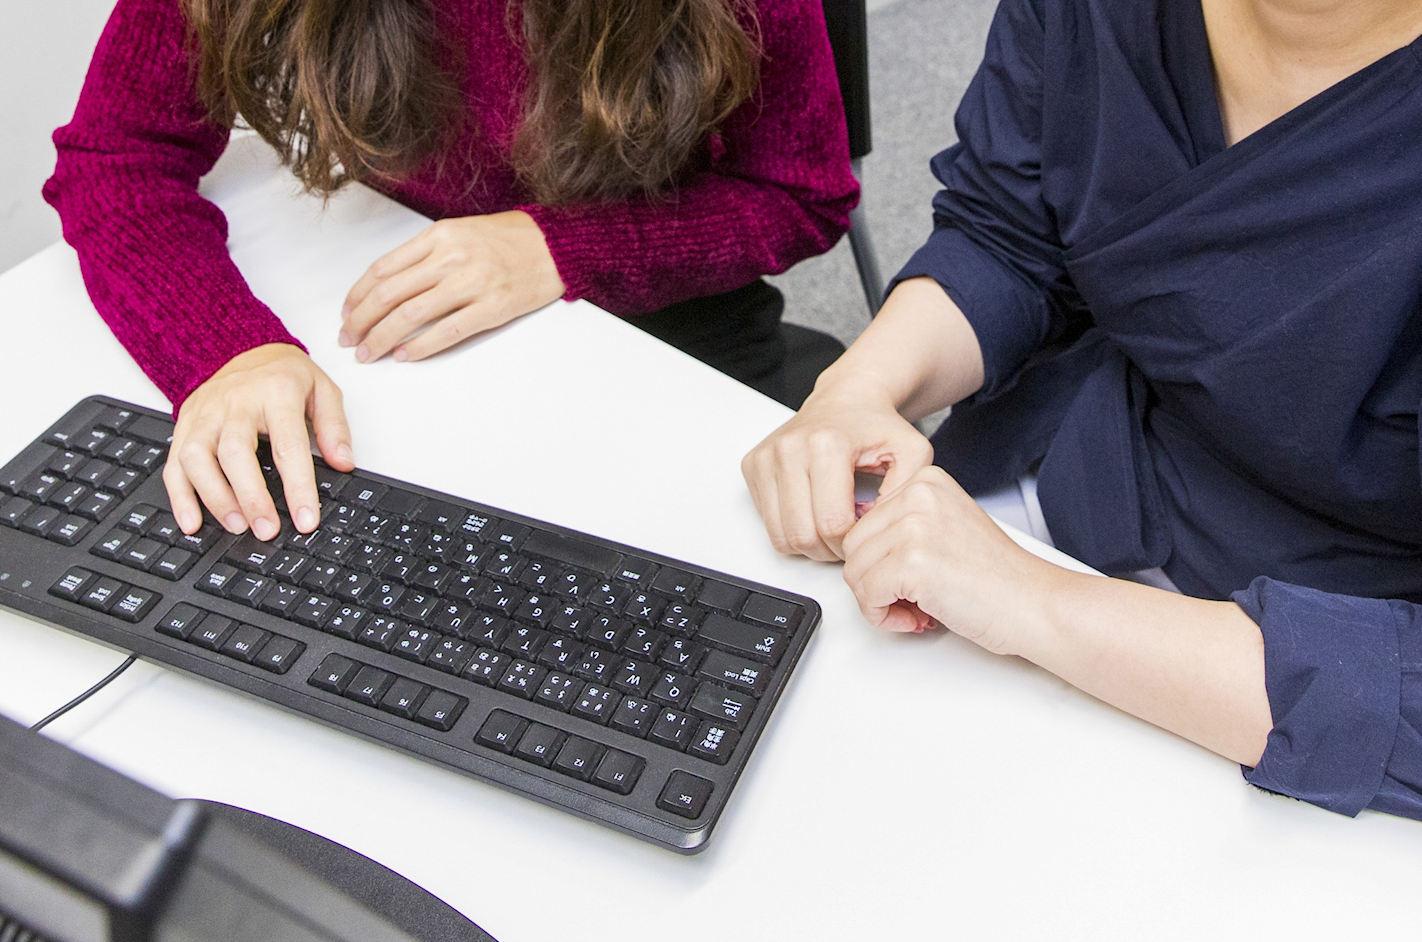 キャリアビジョンの診断を受ける女性